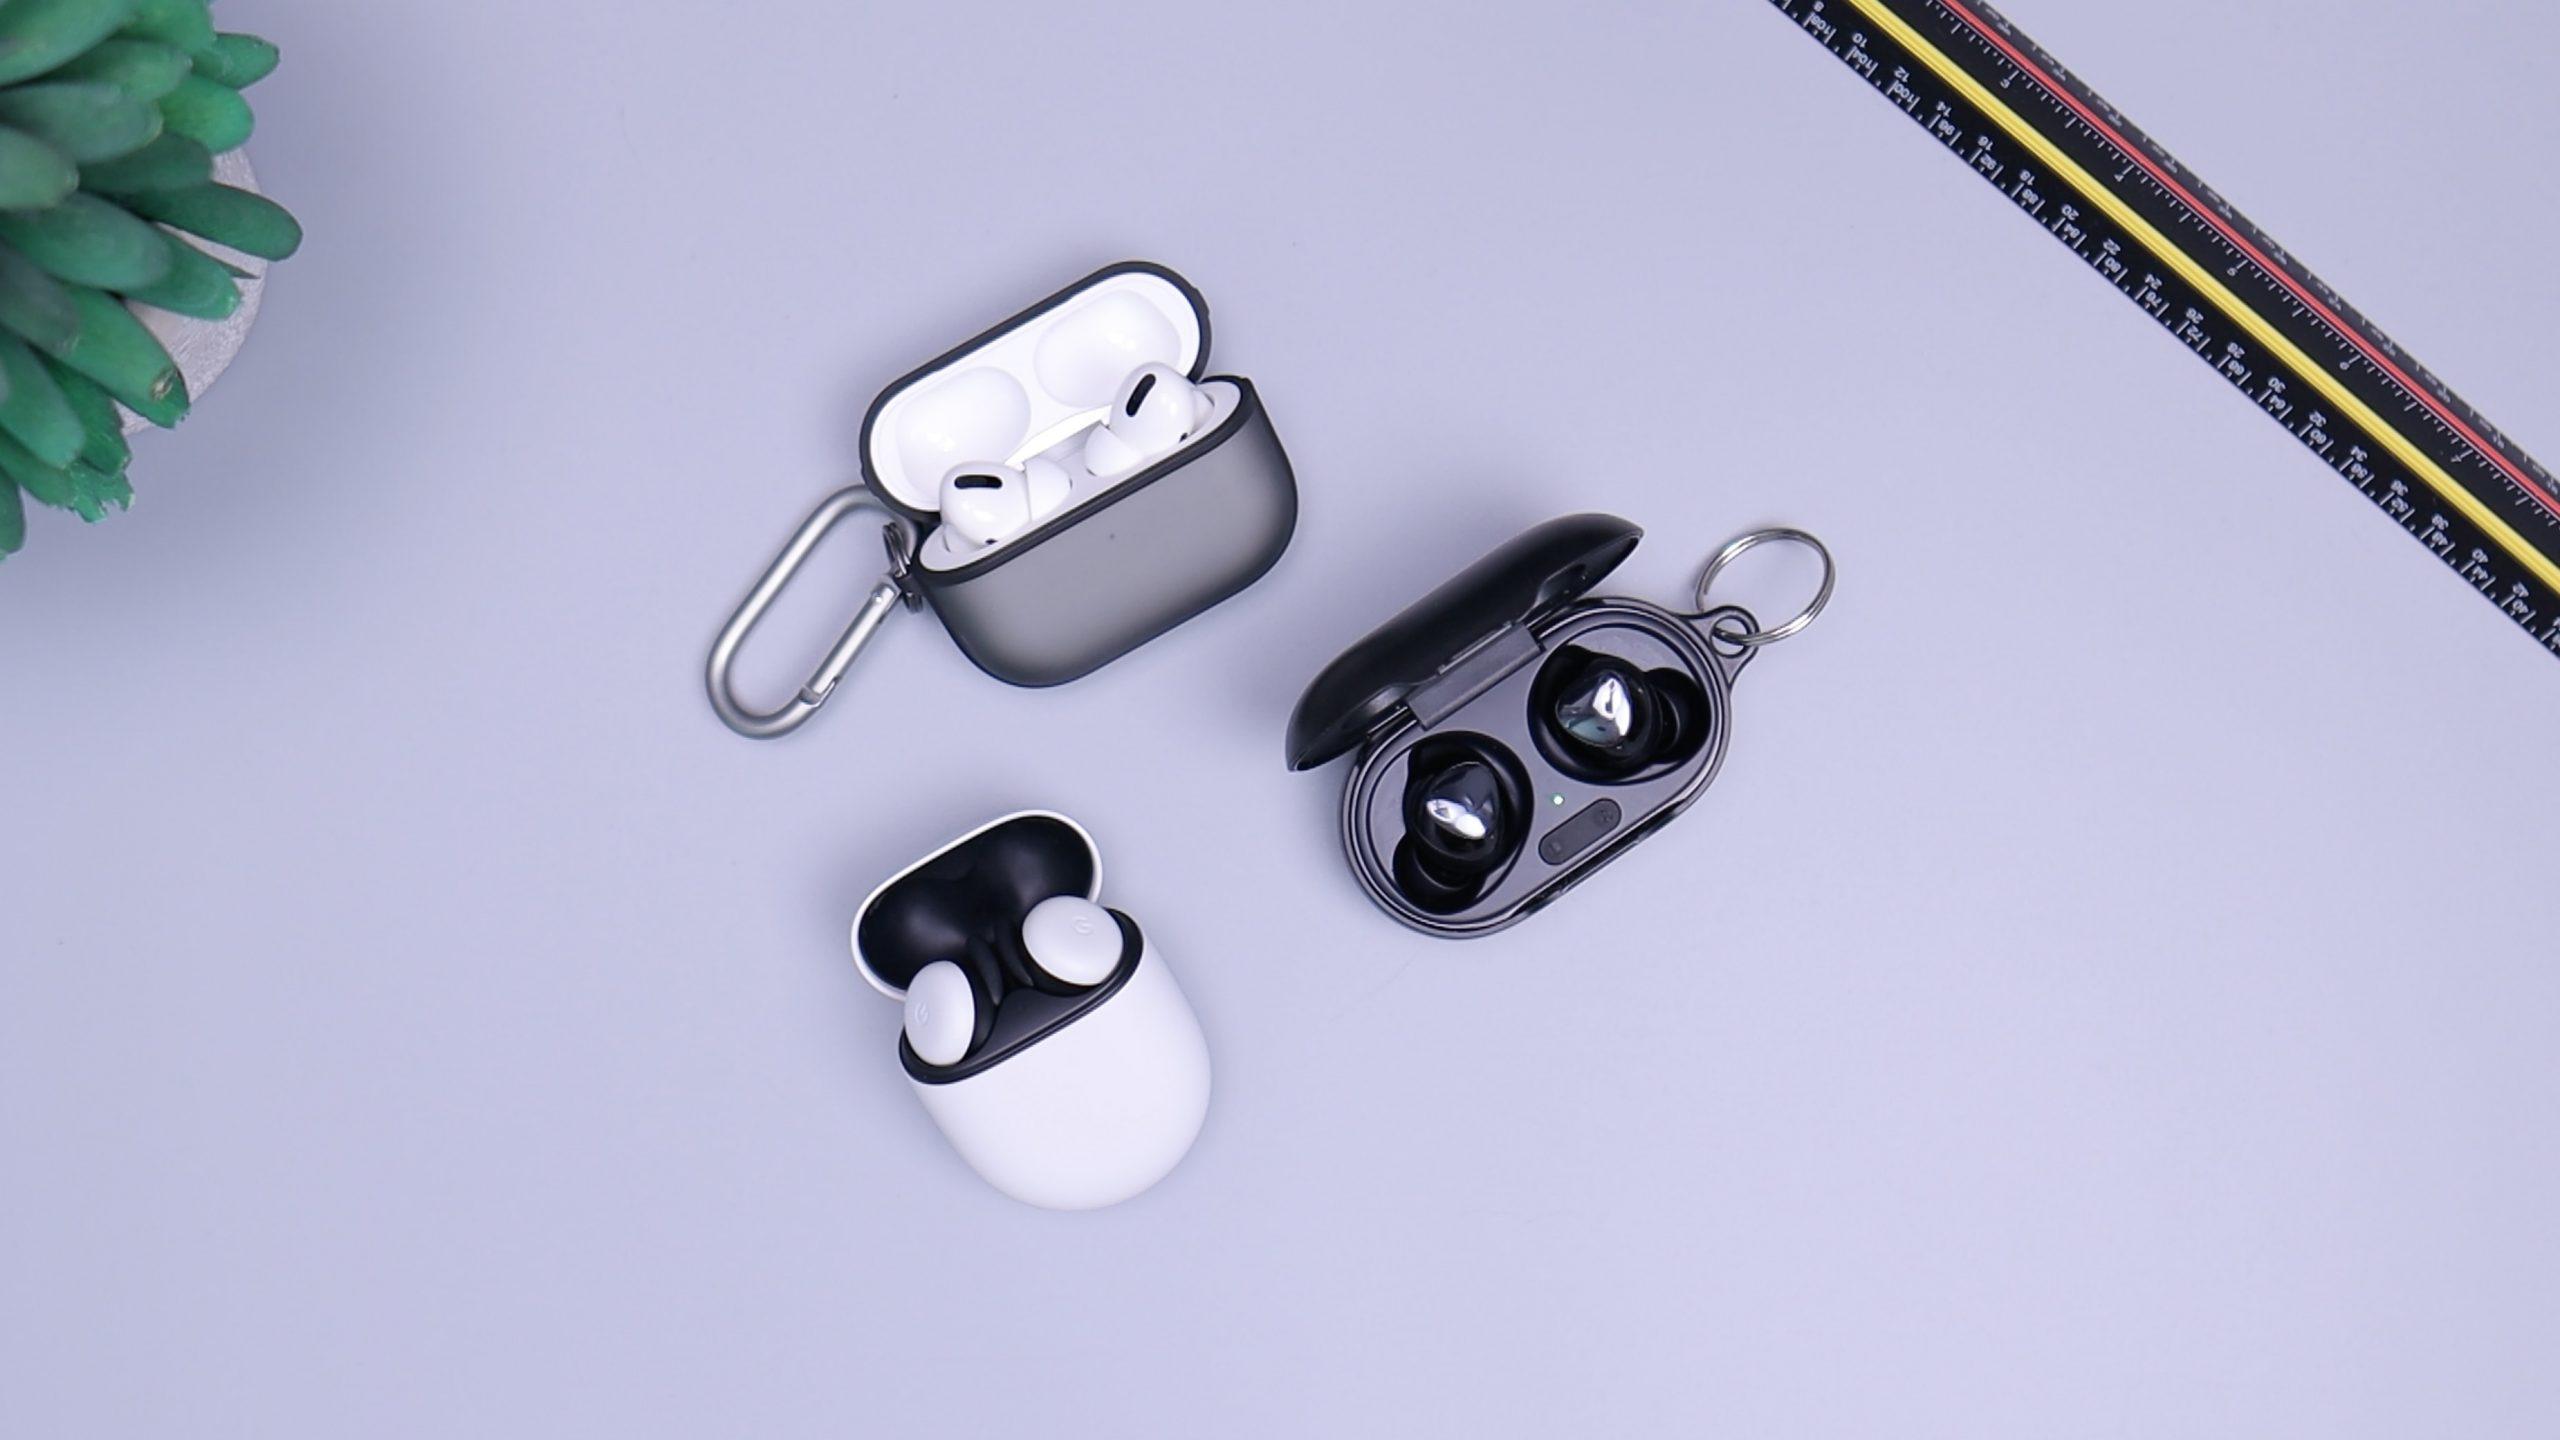 Tres pares de auriculares tws sobre fondo gris